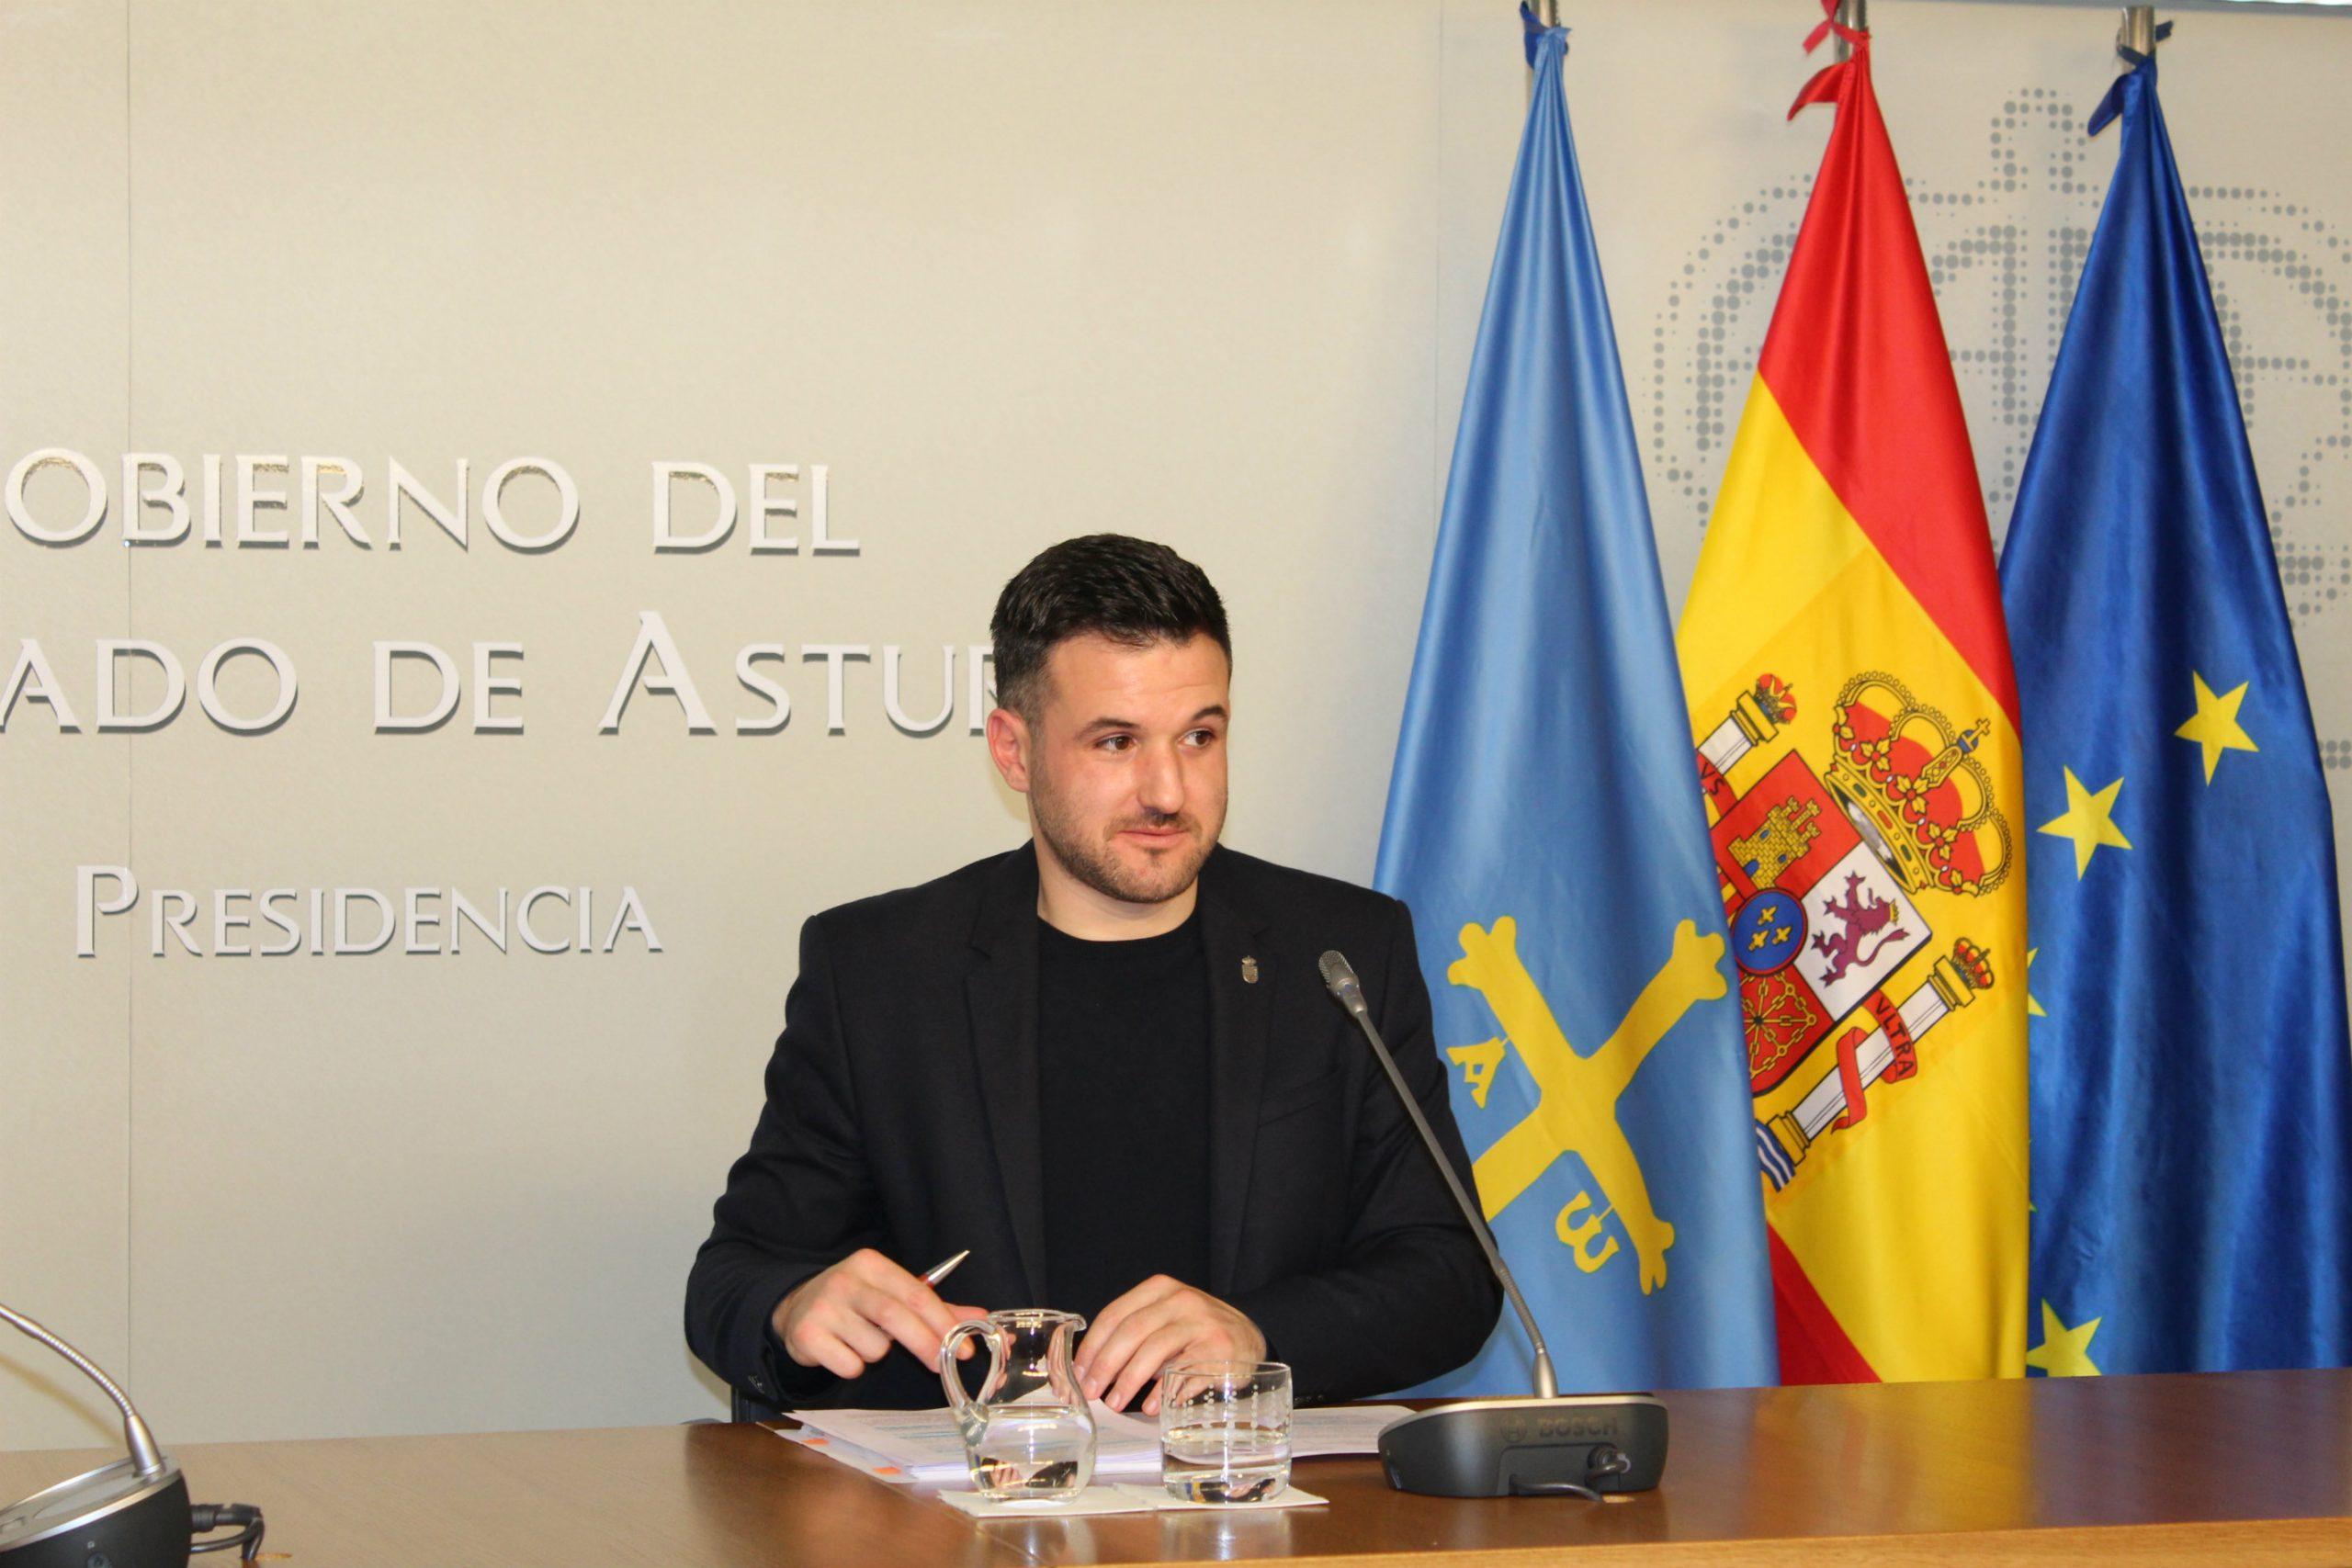 El viceconsejero de Infraestructuras, Movilidad y Territorio, positivo a Covid-19